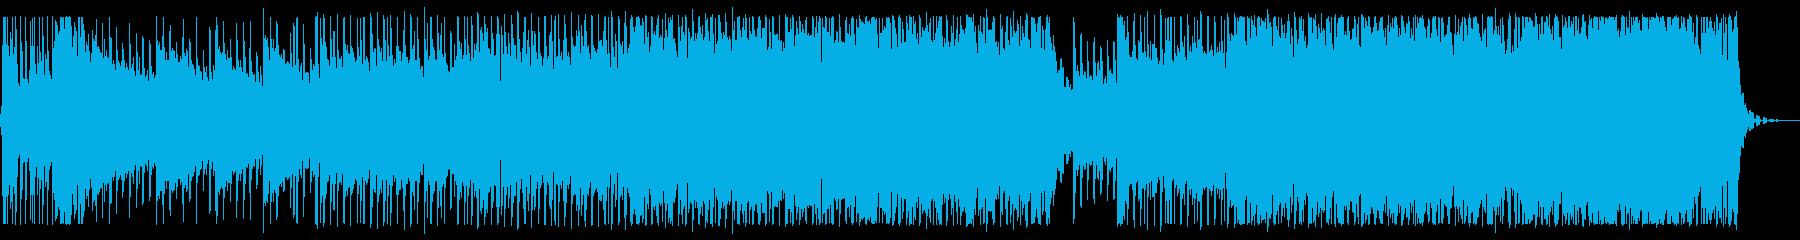 アナザー・ブリック・イン・ザ・ウォ...の再生済みの波形